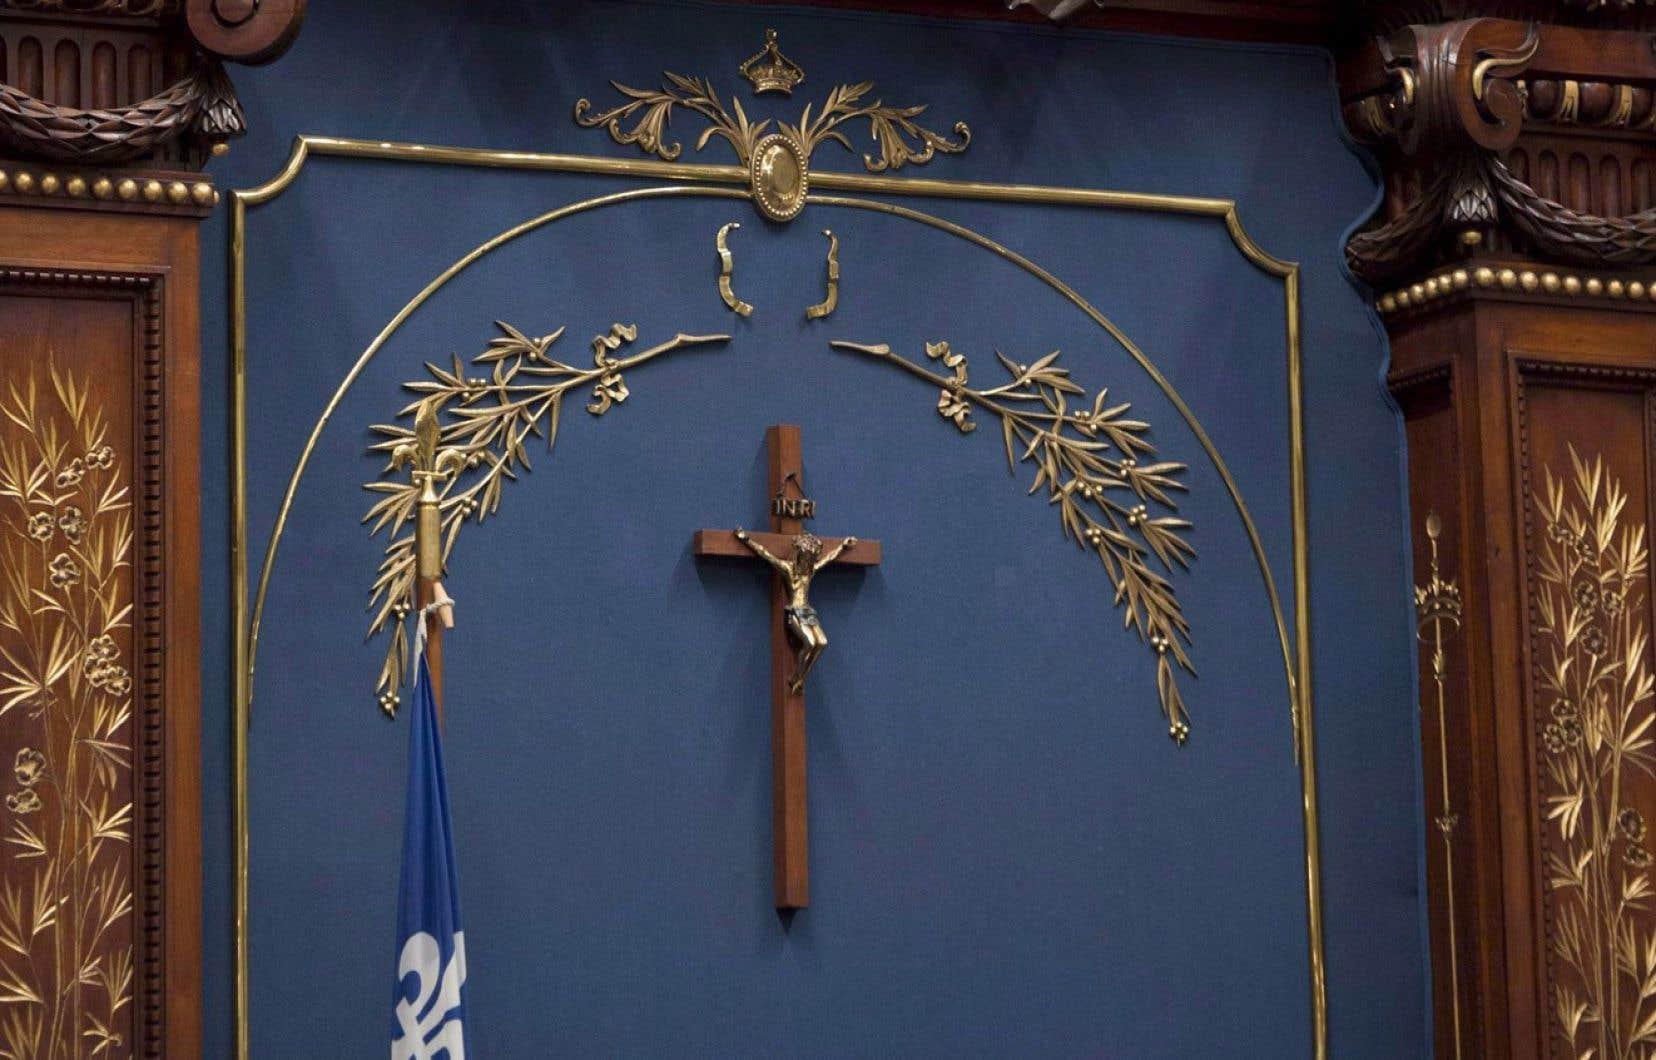 «Un objet comme le crucifix peut être reconnu d'intérêt patrimonial et conséquemment posséder le statut de bien patrimonial en vertu de la loi québécoise. Mais il peut aussi ne faire l'objet d'aucune reconnaissance ou protection et présenter une valeur culturelle», explique l'auteur.